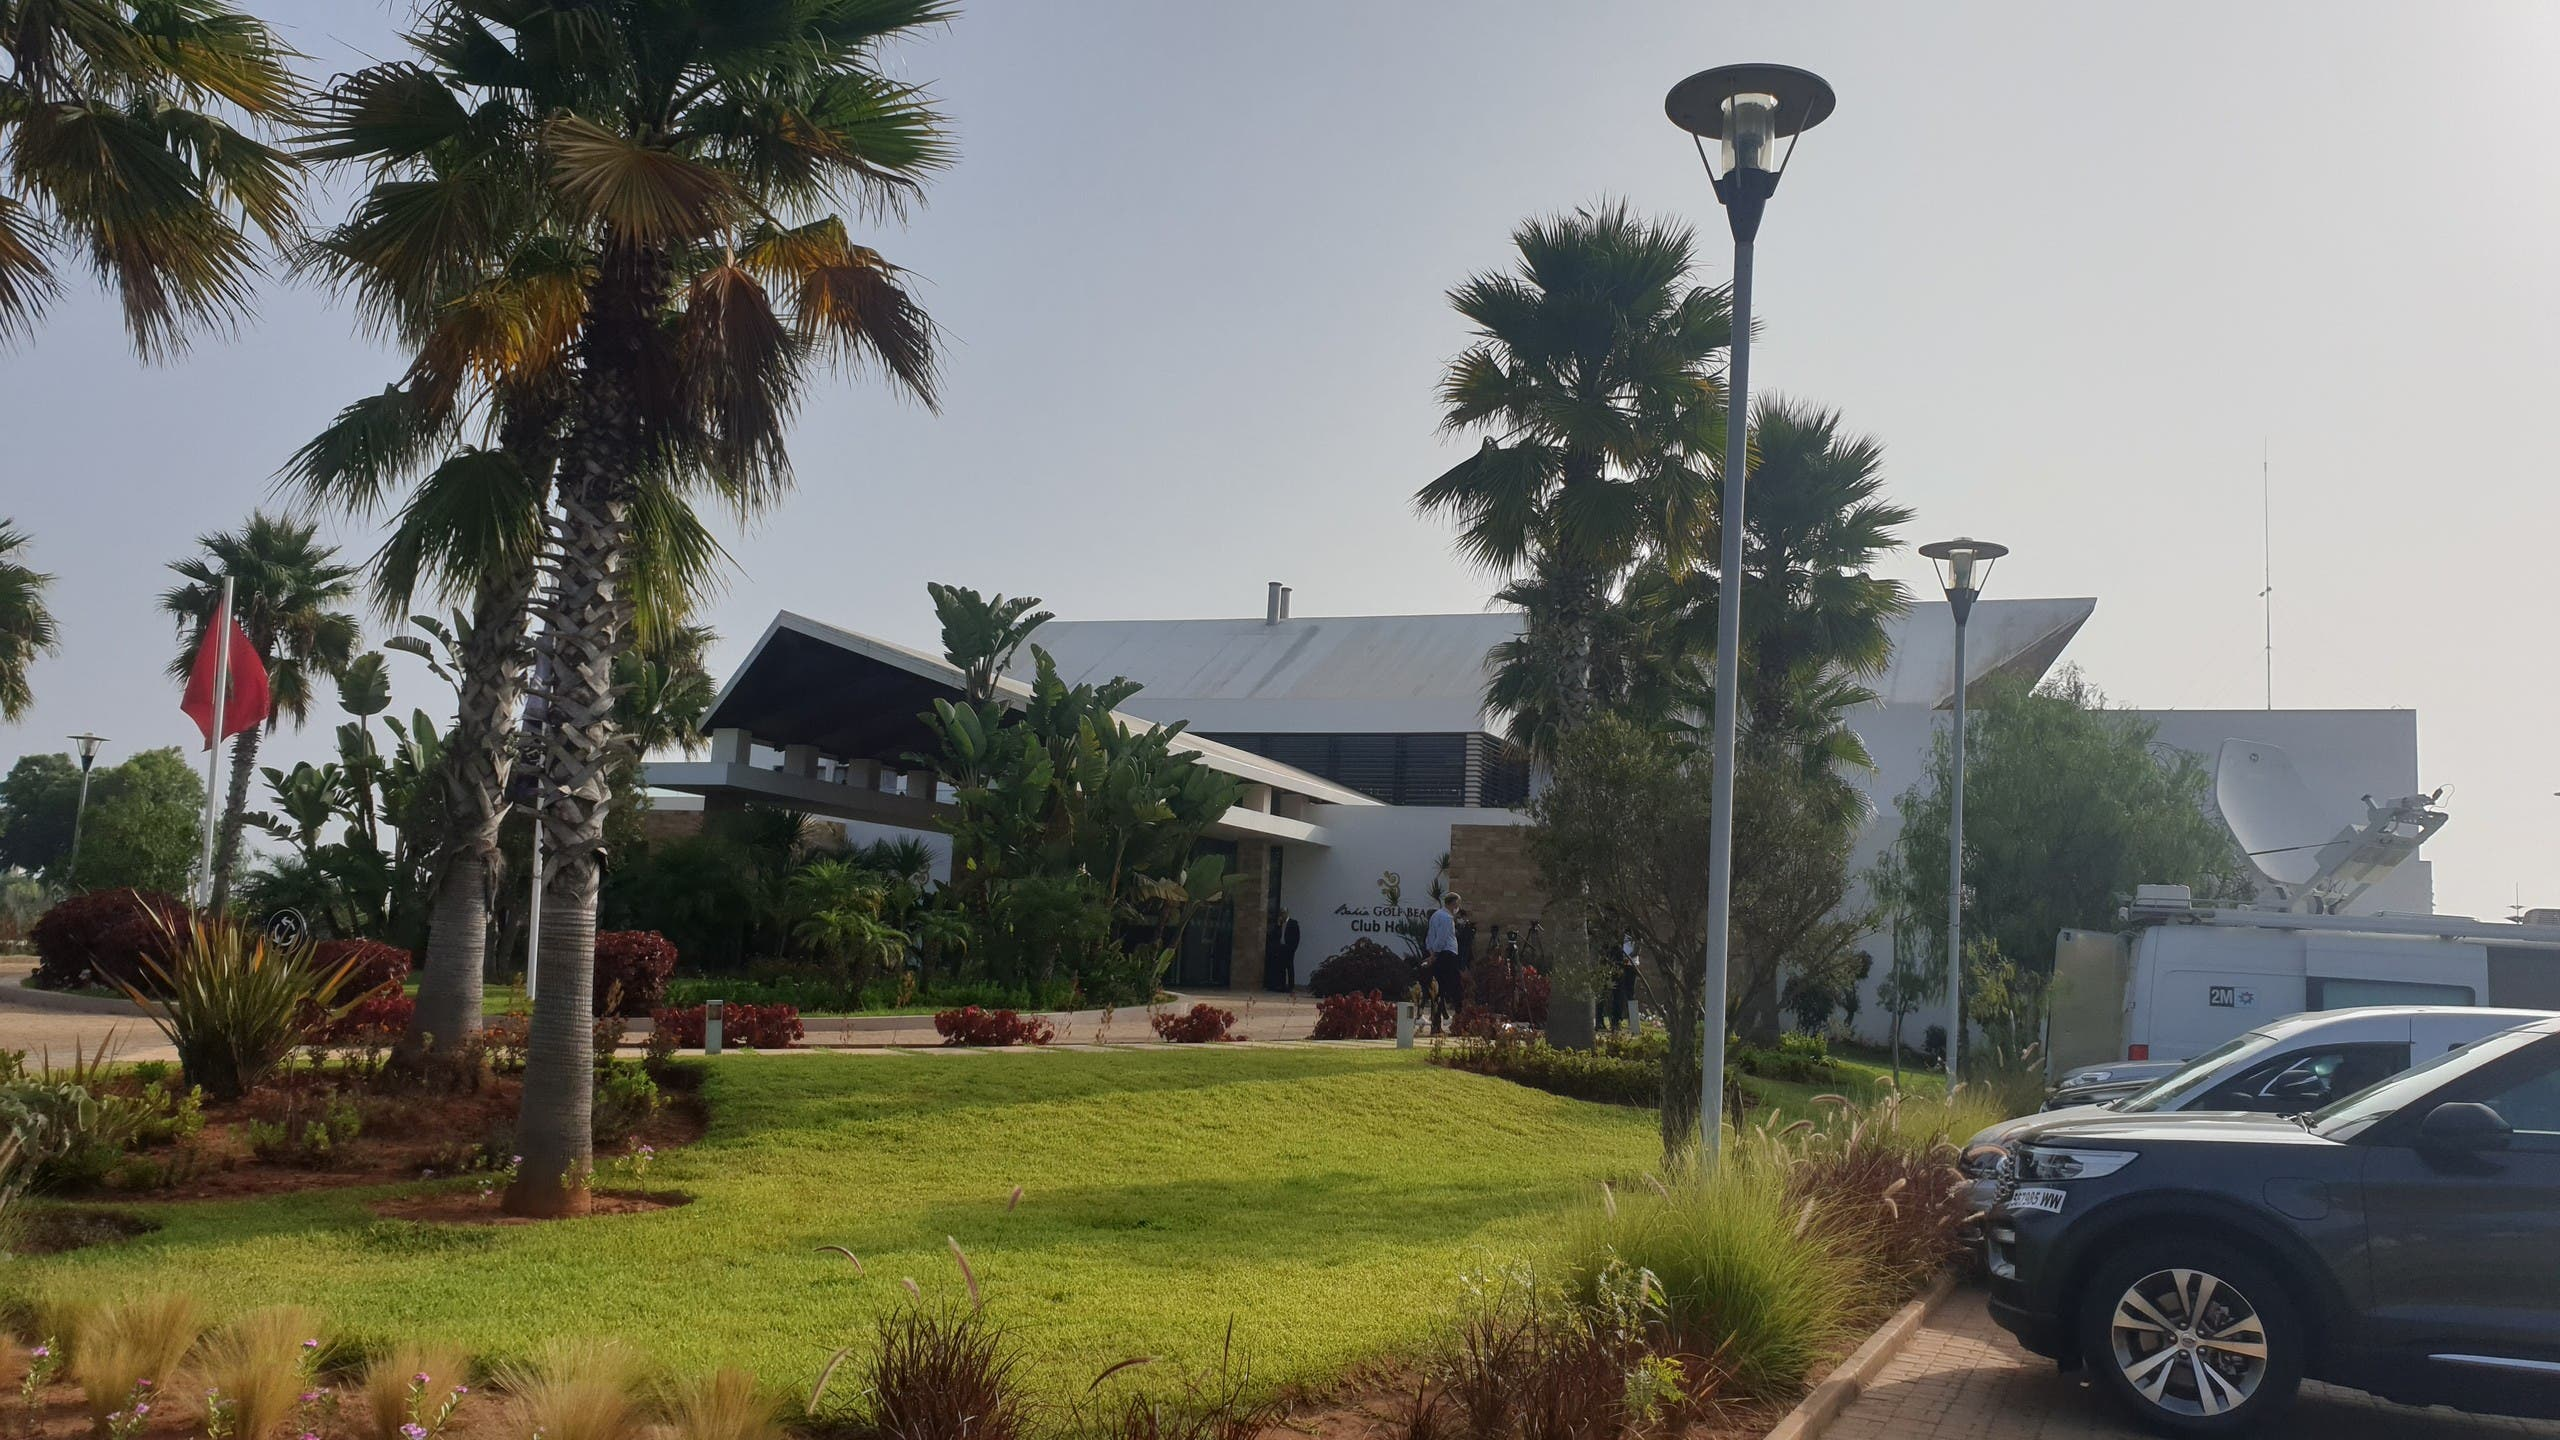 مكان انعقاد المحادثات الليبية في المغرب